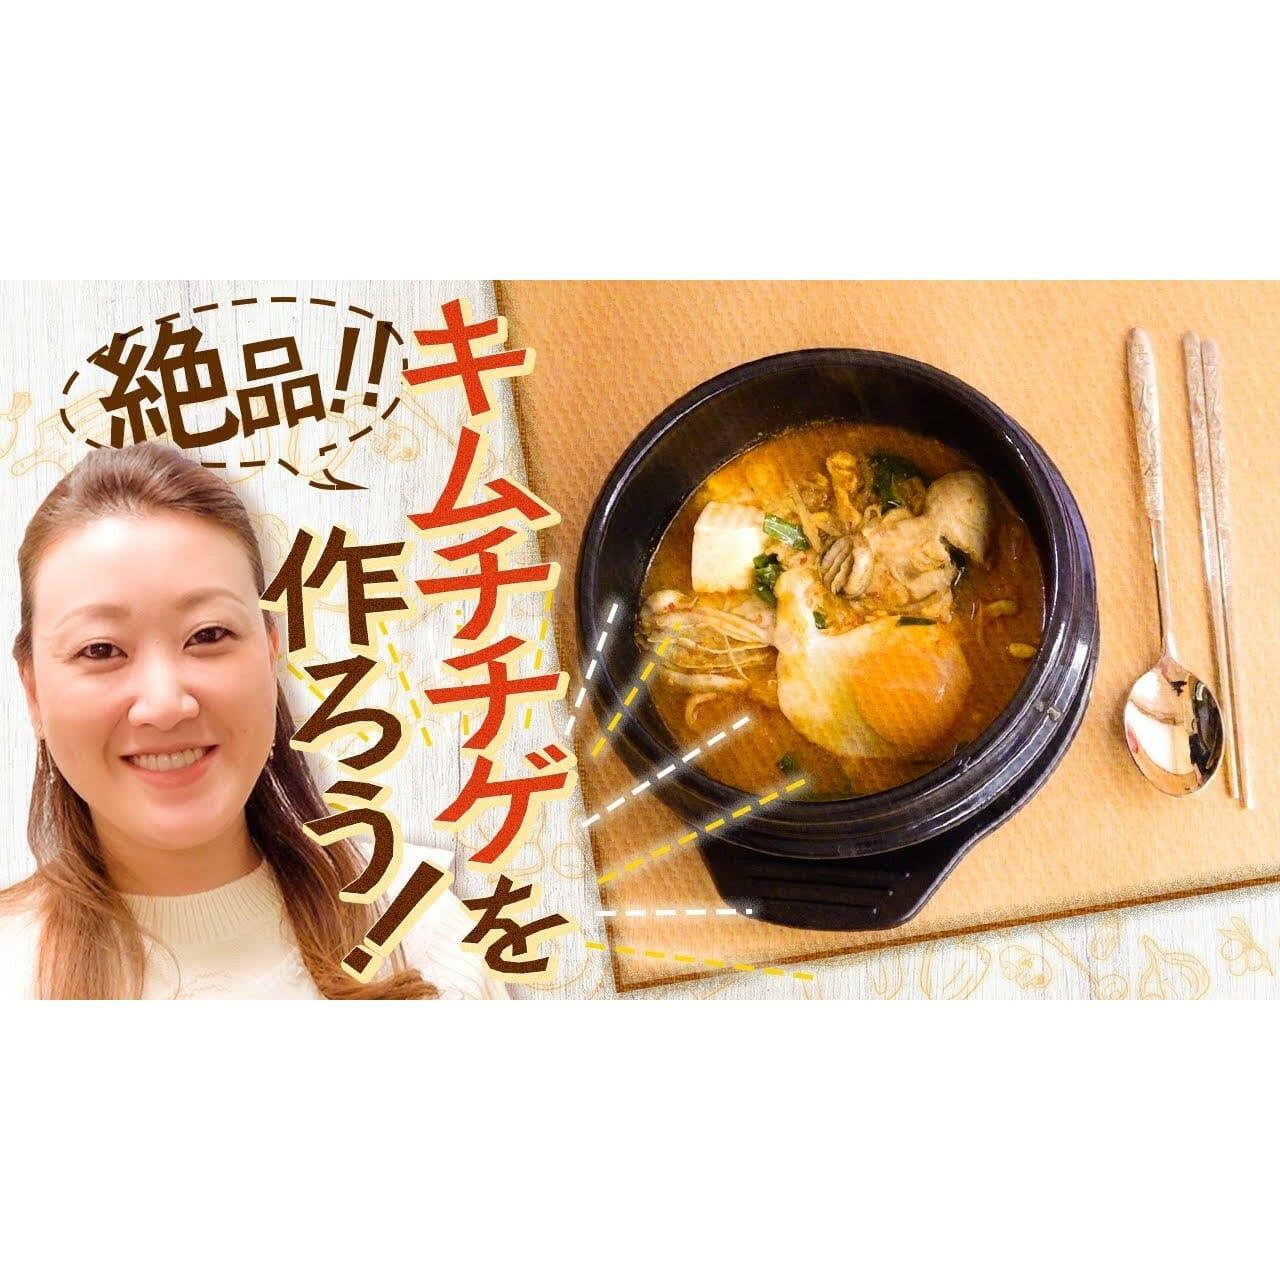 【料理】春におすすめのキムチチゲを作ろう!かおりクッキング第9弾